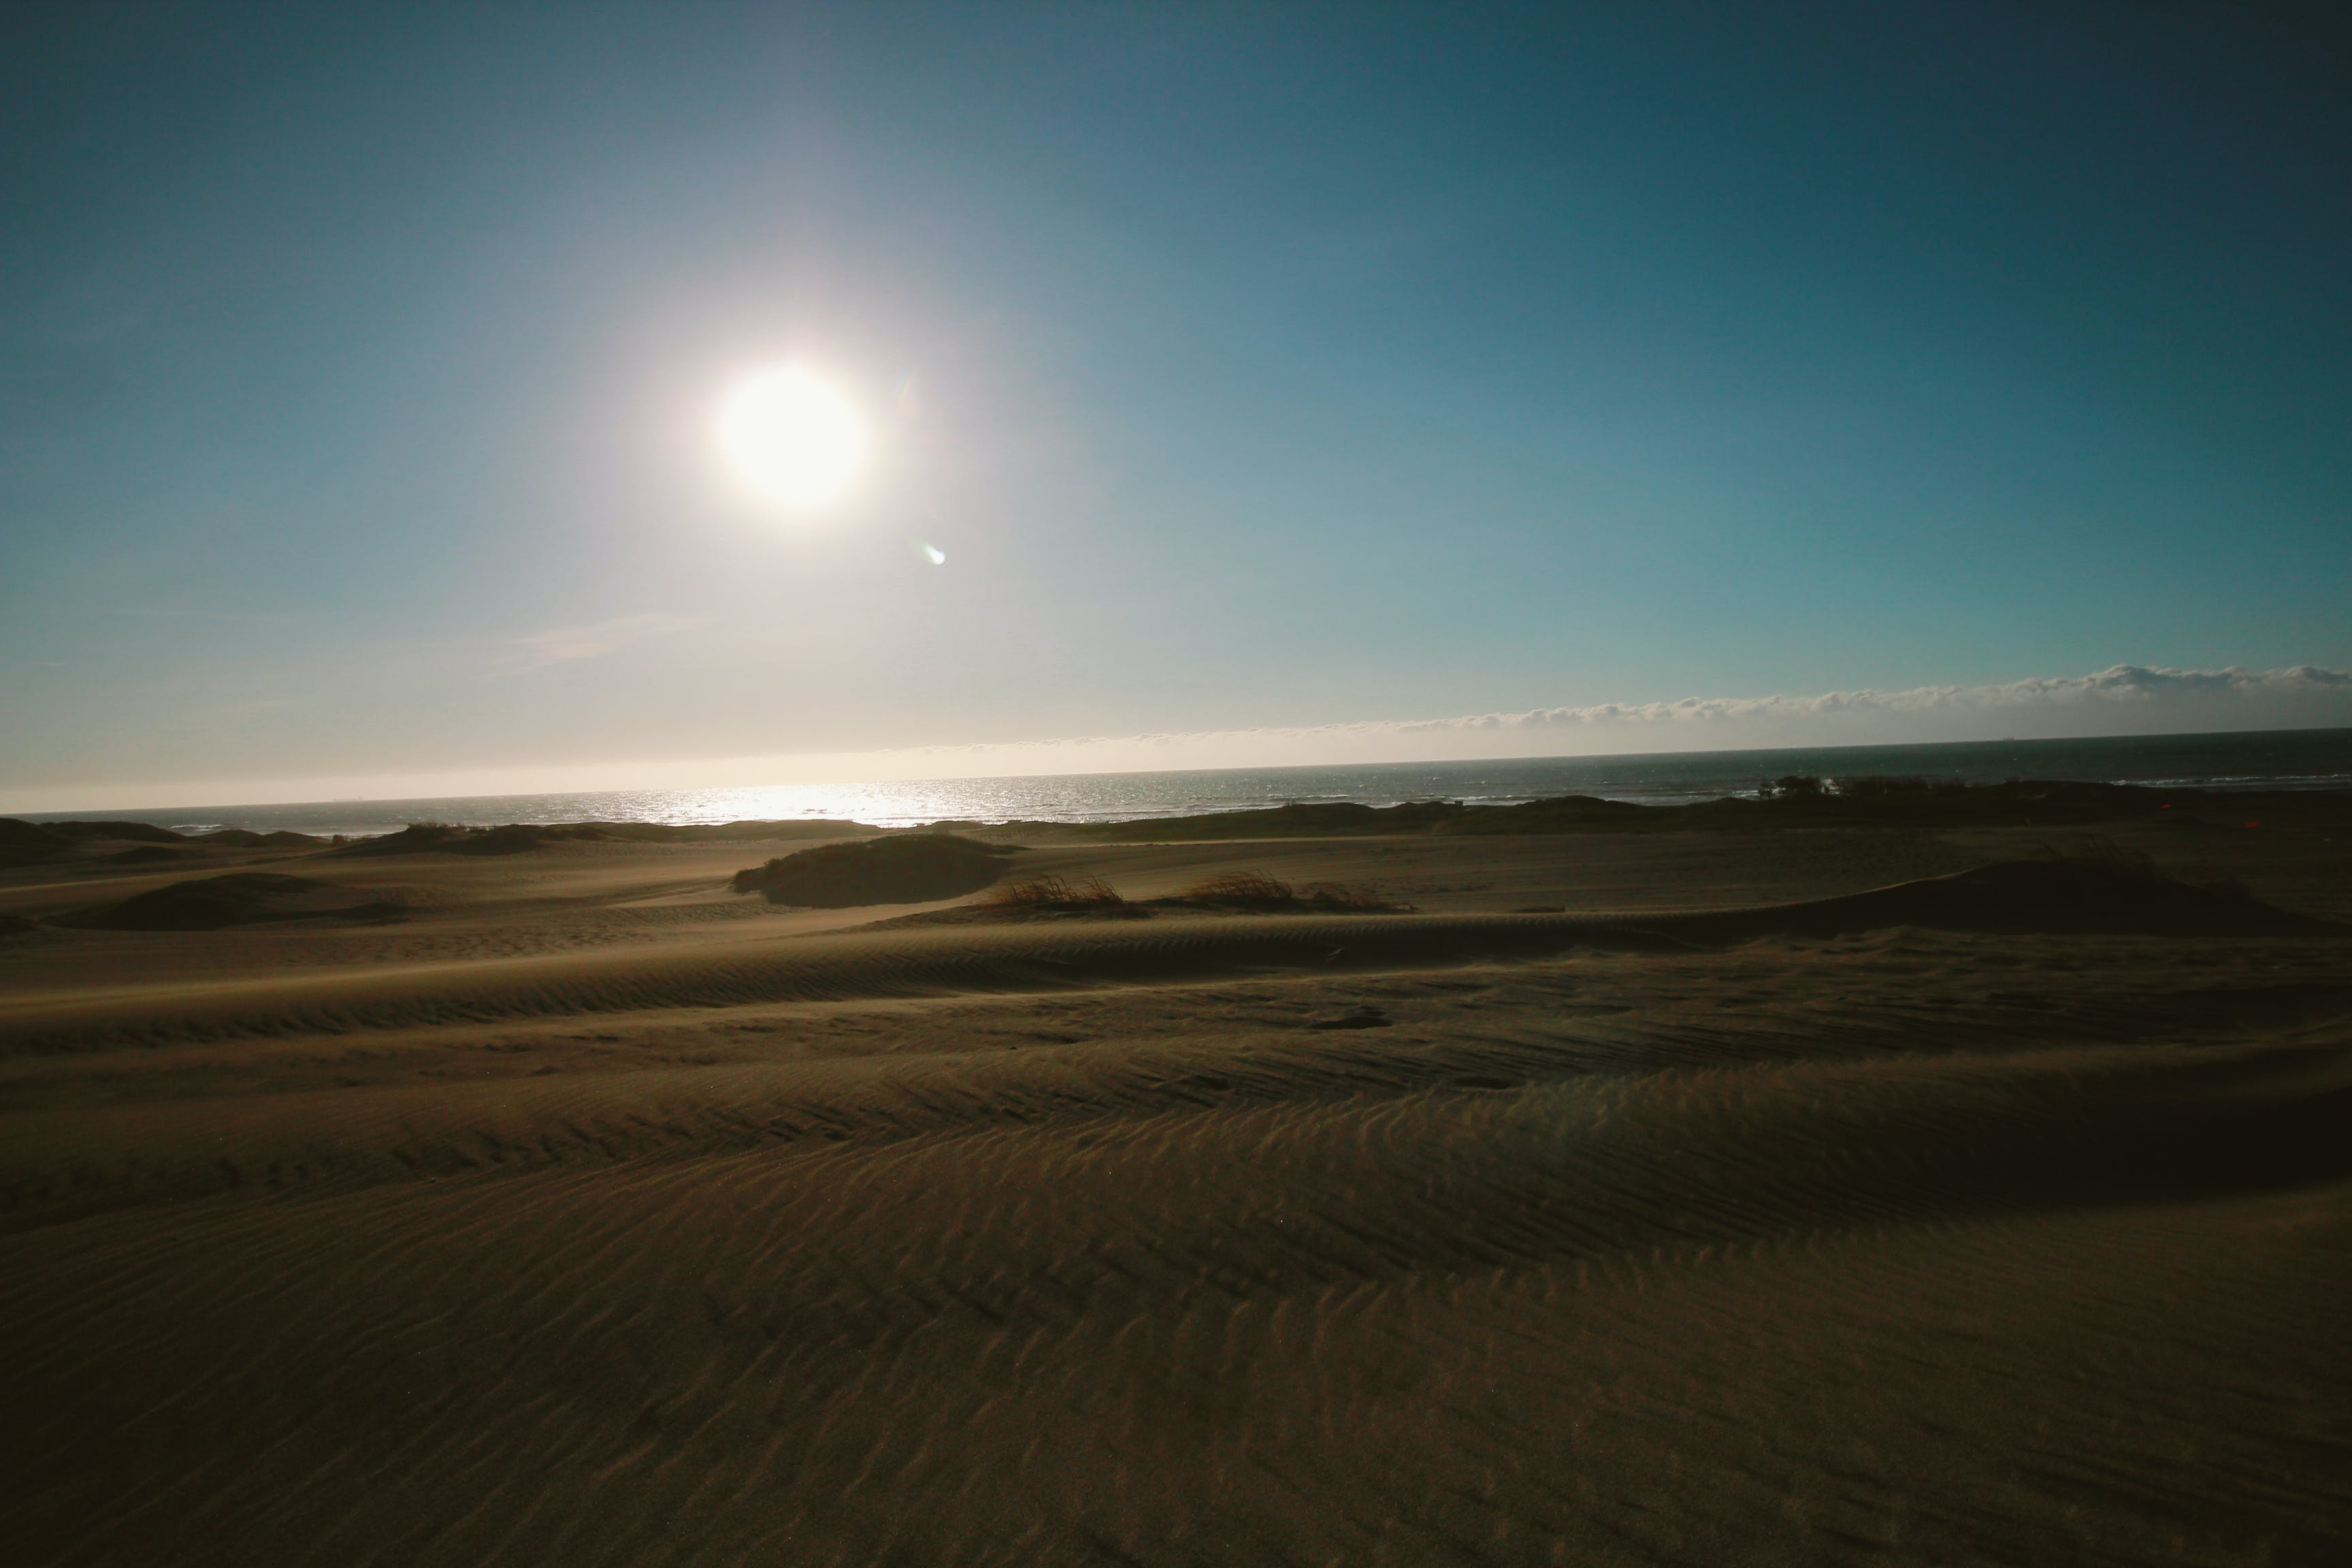 Δωρεάν στοκ φωτογραφιών με αμμοθίνες, άμμος, ήλιος